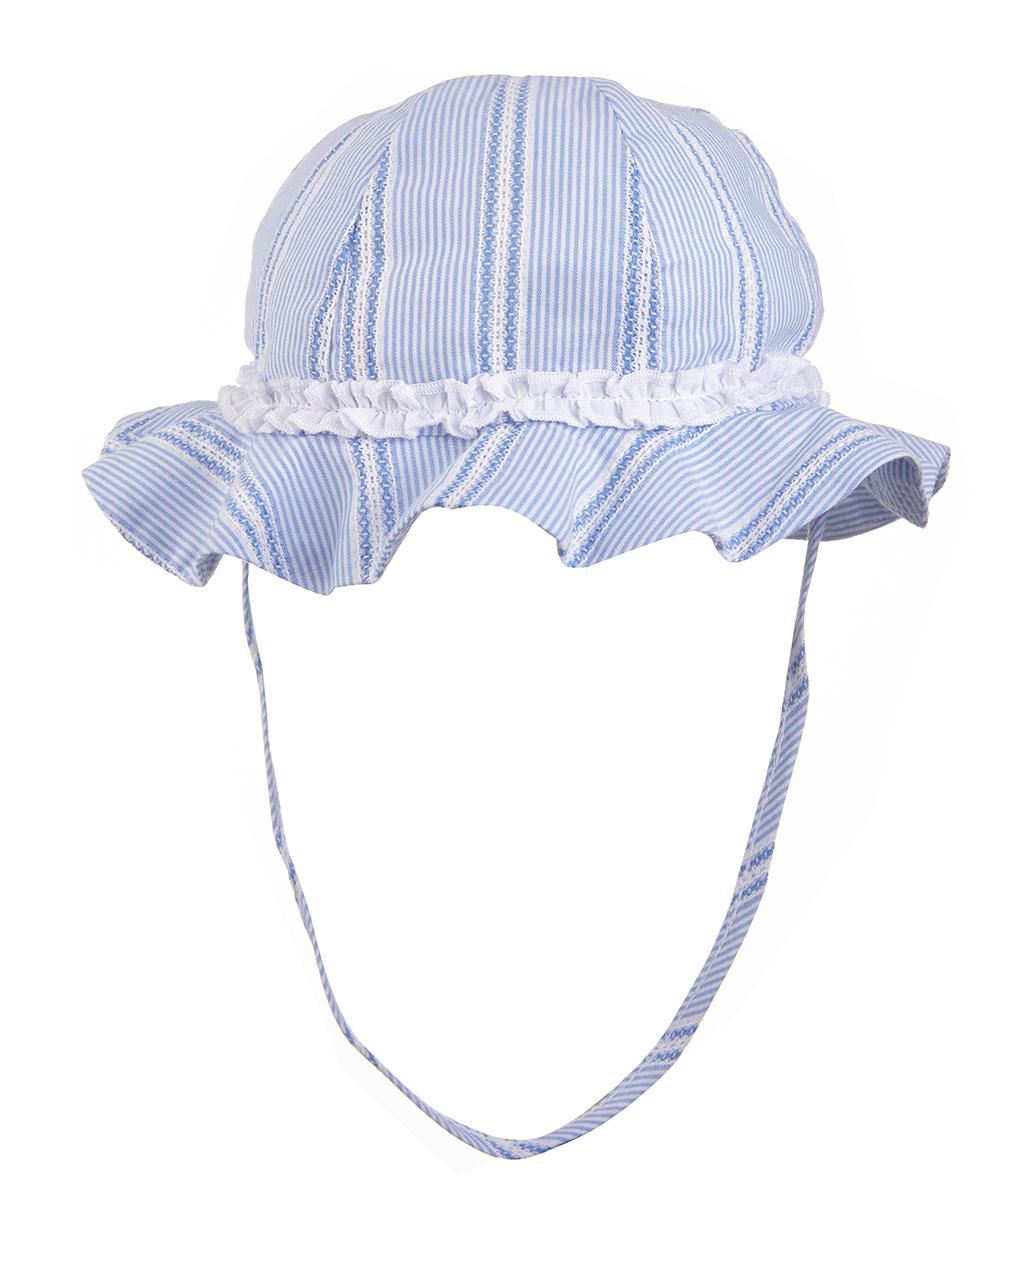 Cappellino con rouches - Prénatal